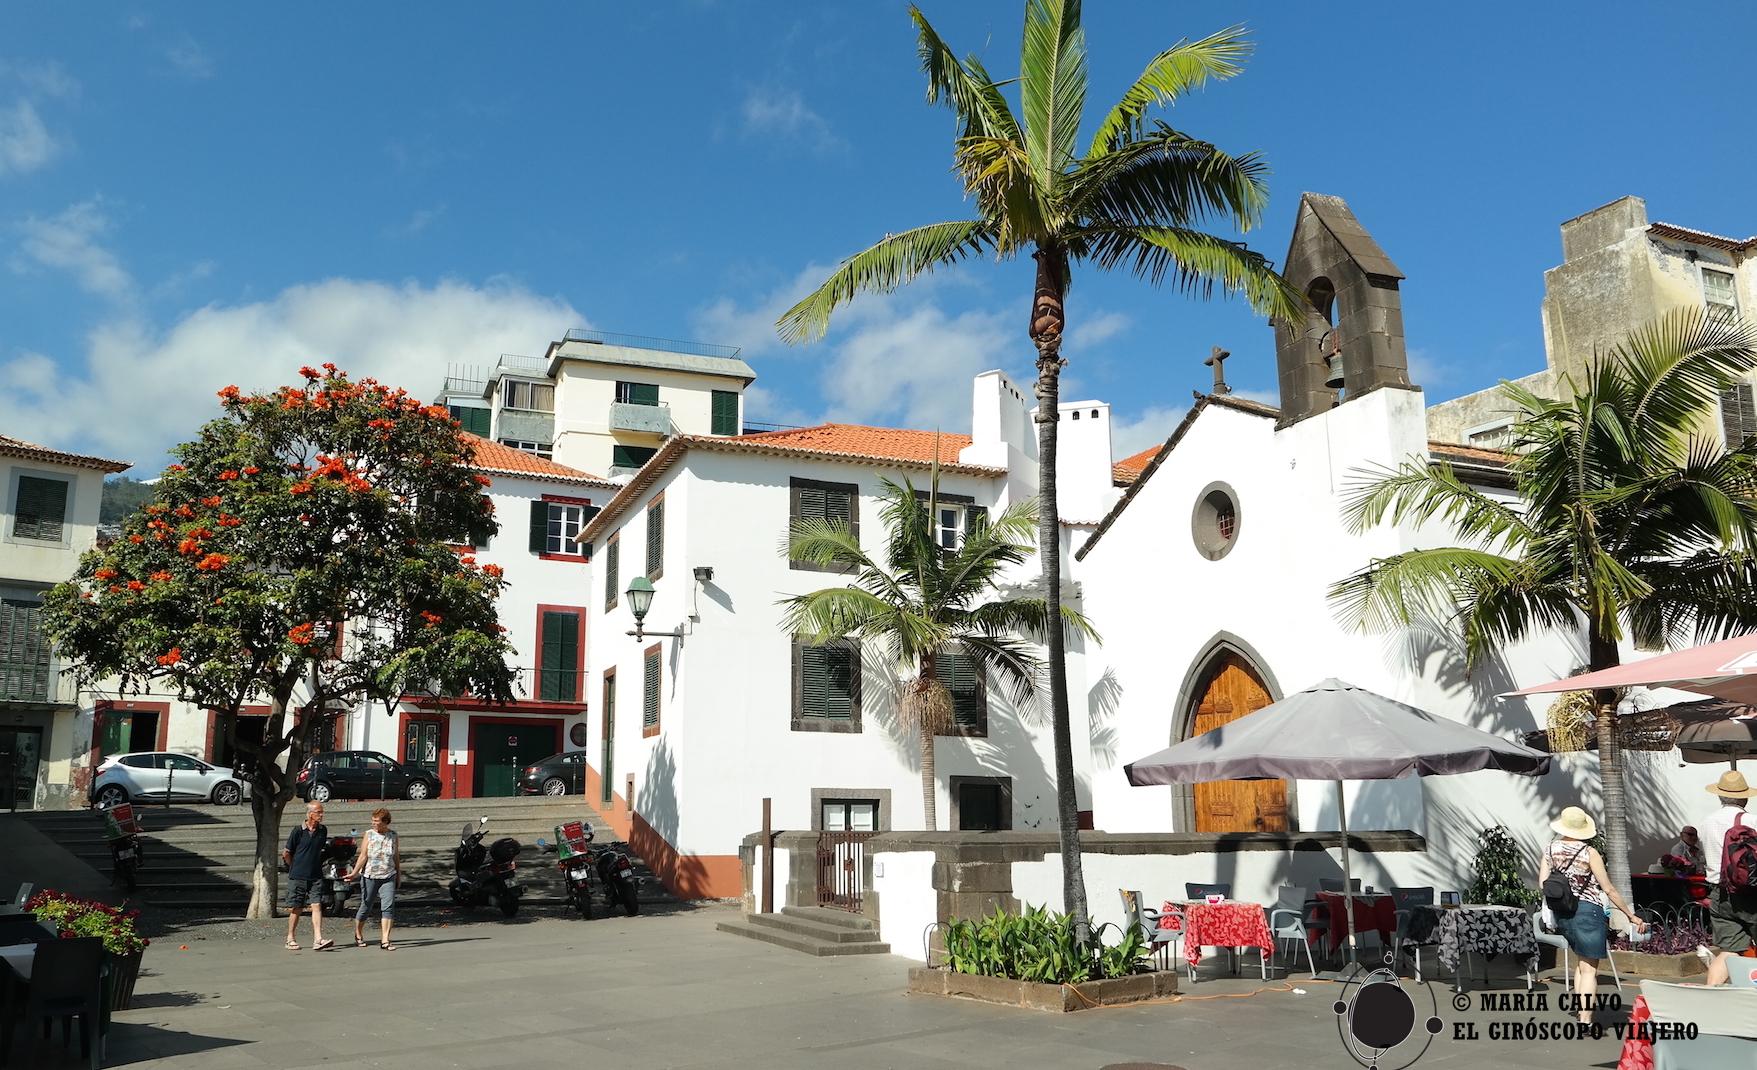 Barrio de Santa María y capilla do Corpo Santo. Funchal está lleno de encantadoras placitas